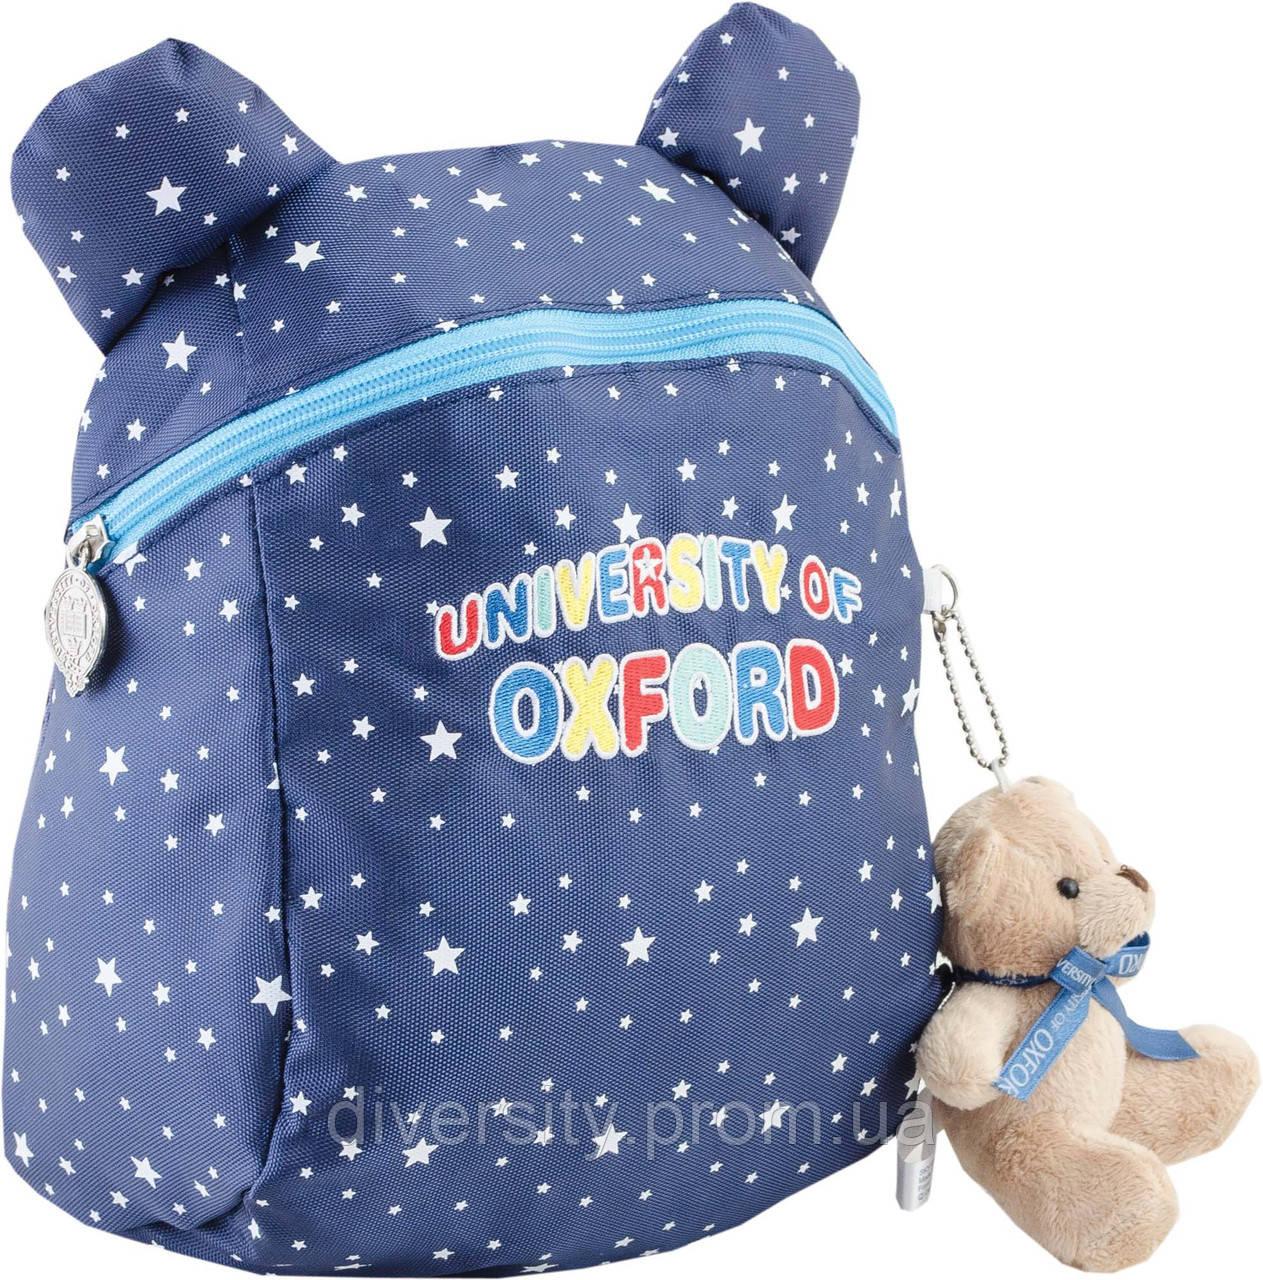 Ранец детский OX-17 х272, 20.5*28.5*9.5